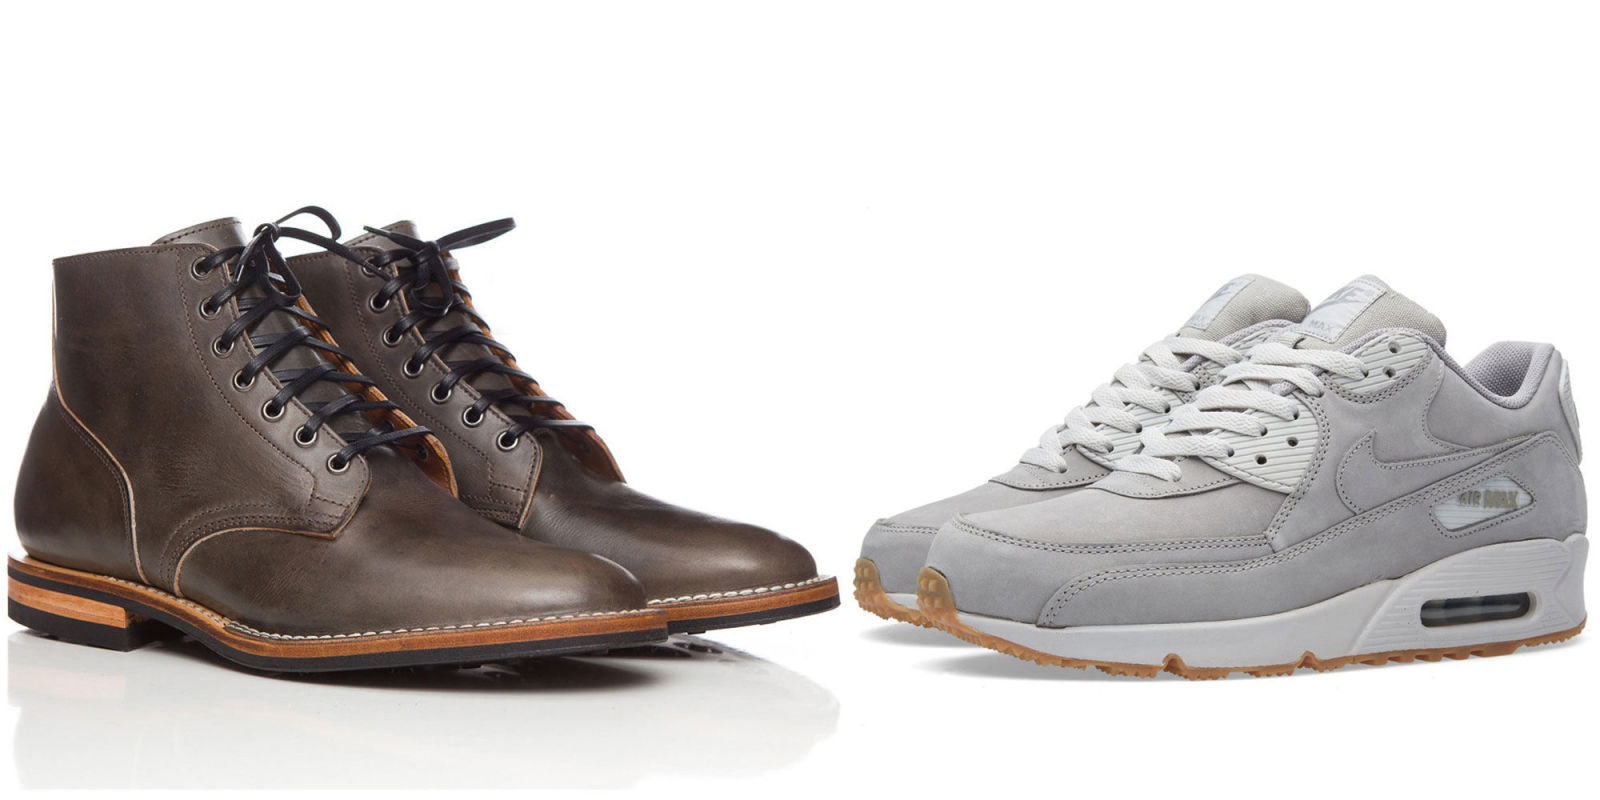 Shoe Styles Essay